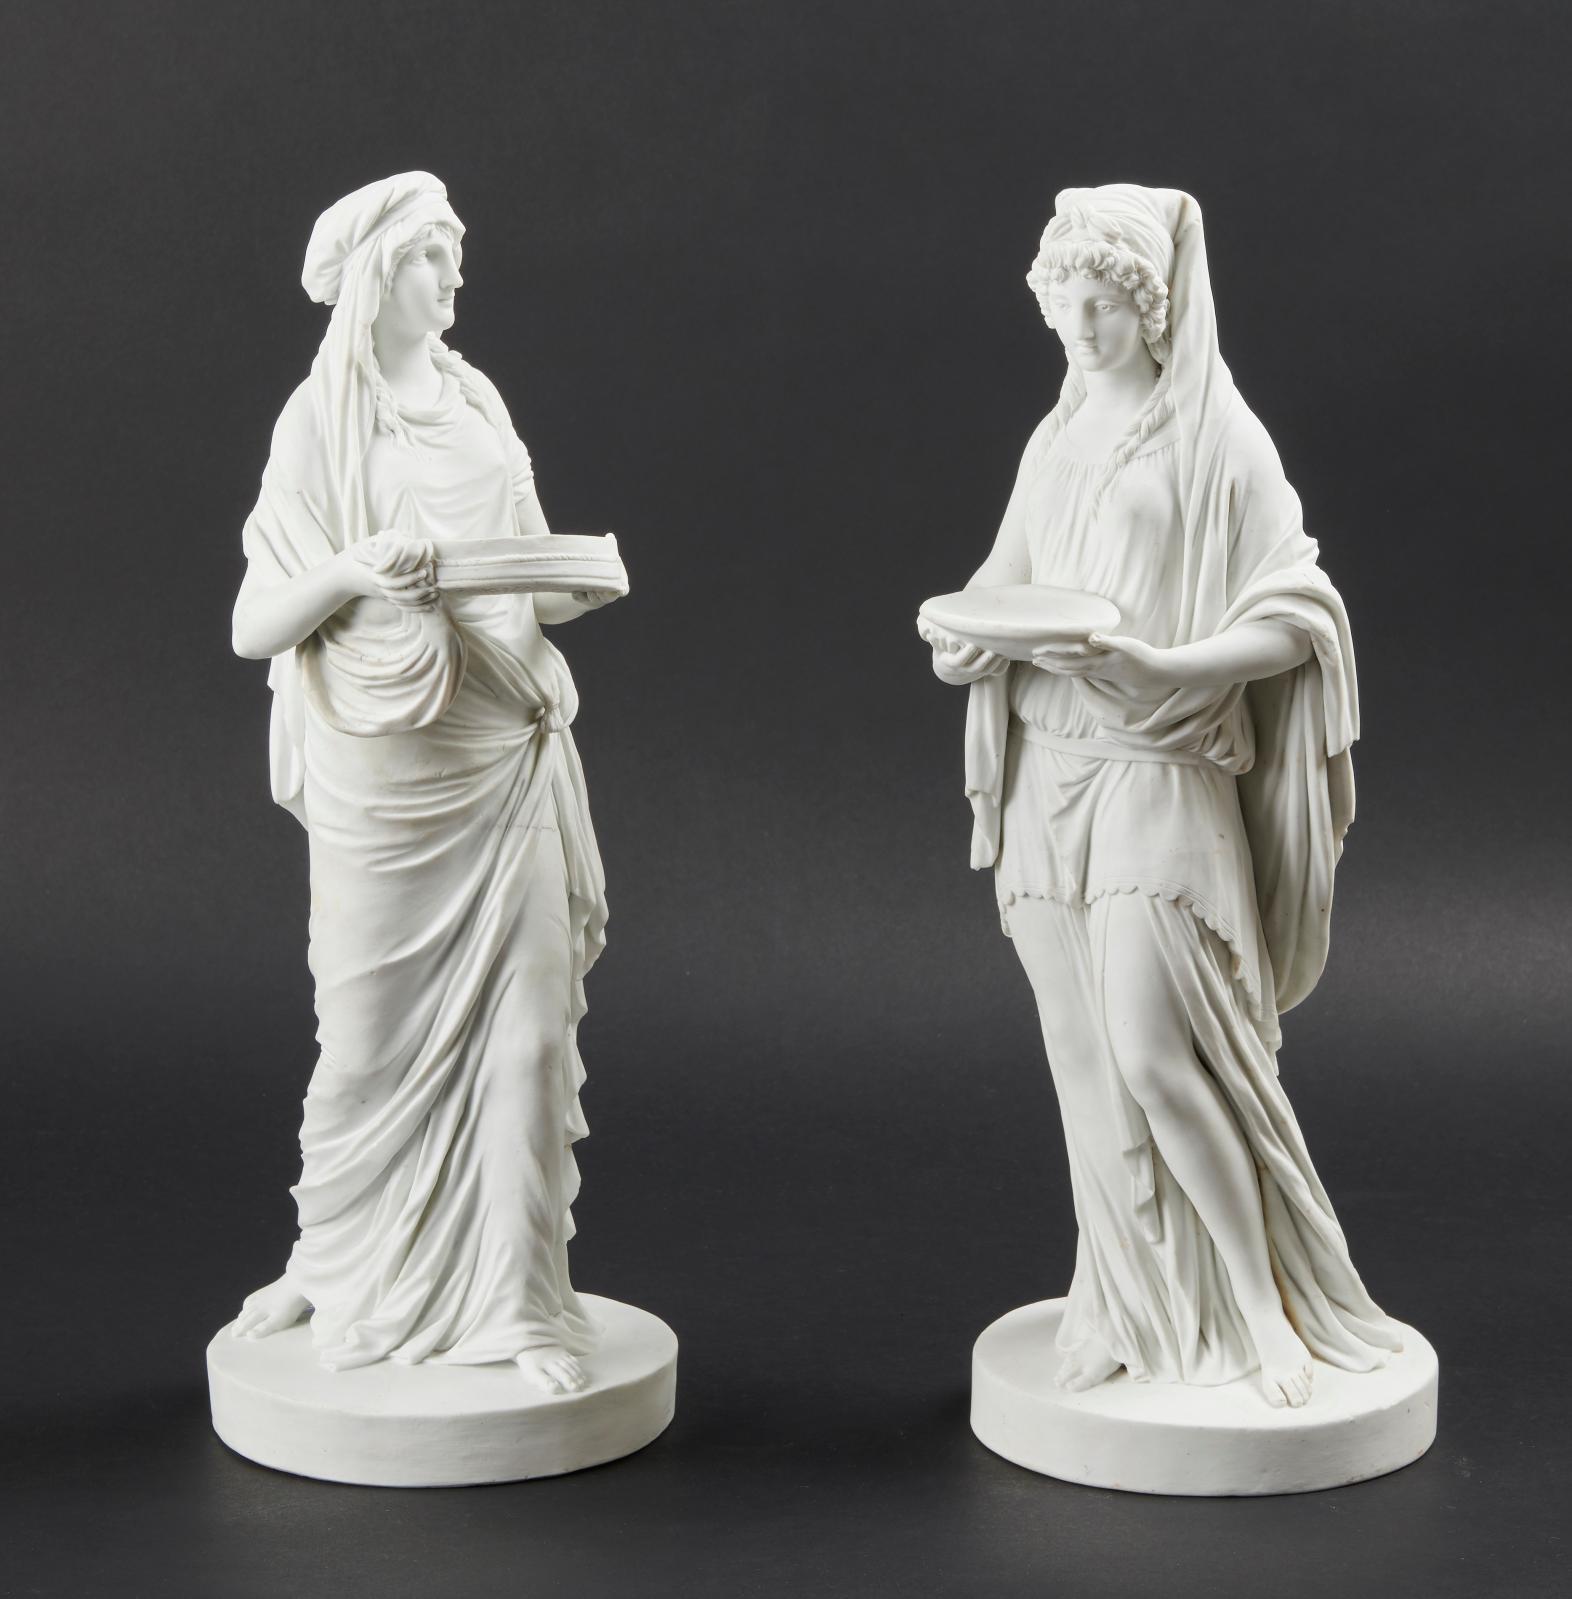 Sèvres, vers 1787. Paire de figures en biscuit de porcelaine dure de la première grandeur représentant La Vestale et La Vestale Tucia, dra